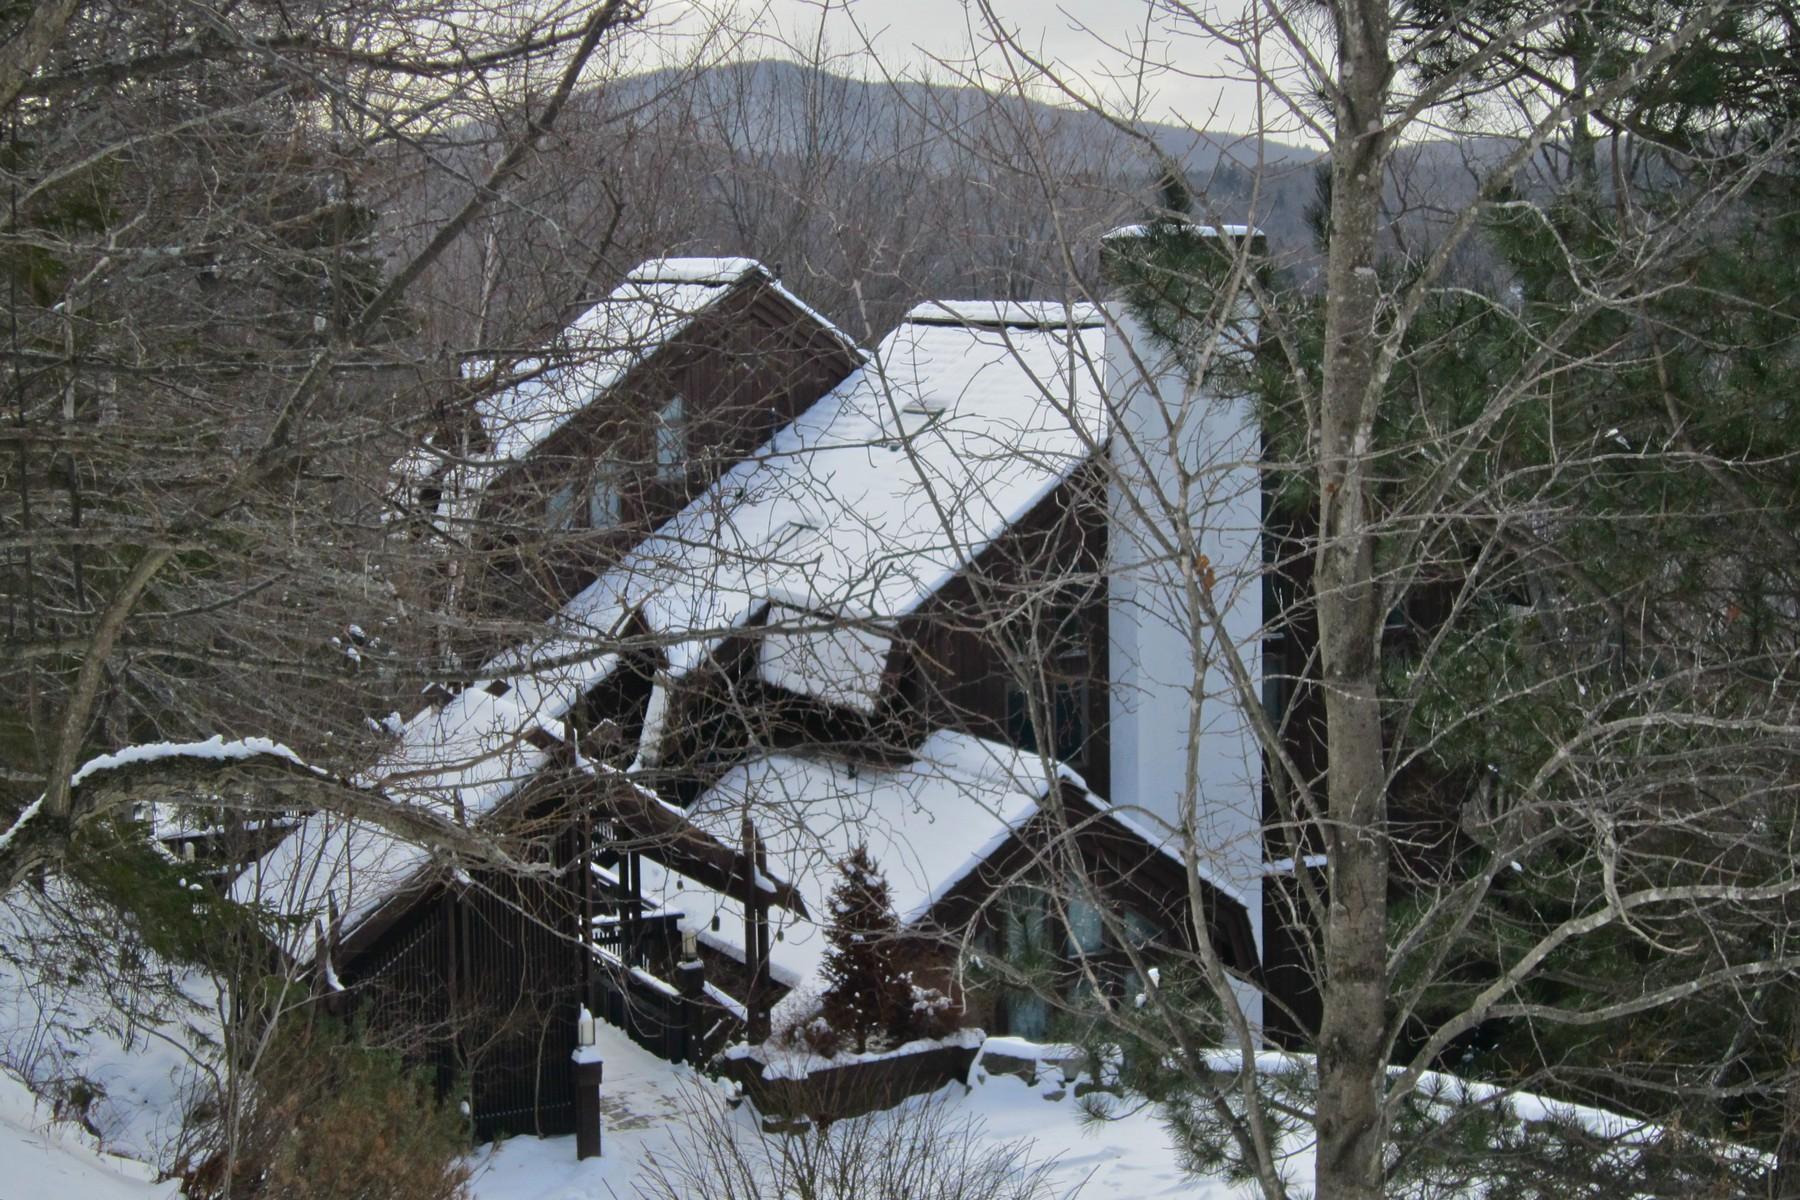 独户住宅 为 销售 在 Expansive Custom Home 726 East Ash Rd 普利茅斯, 佛蒙特州, 05056 美国